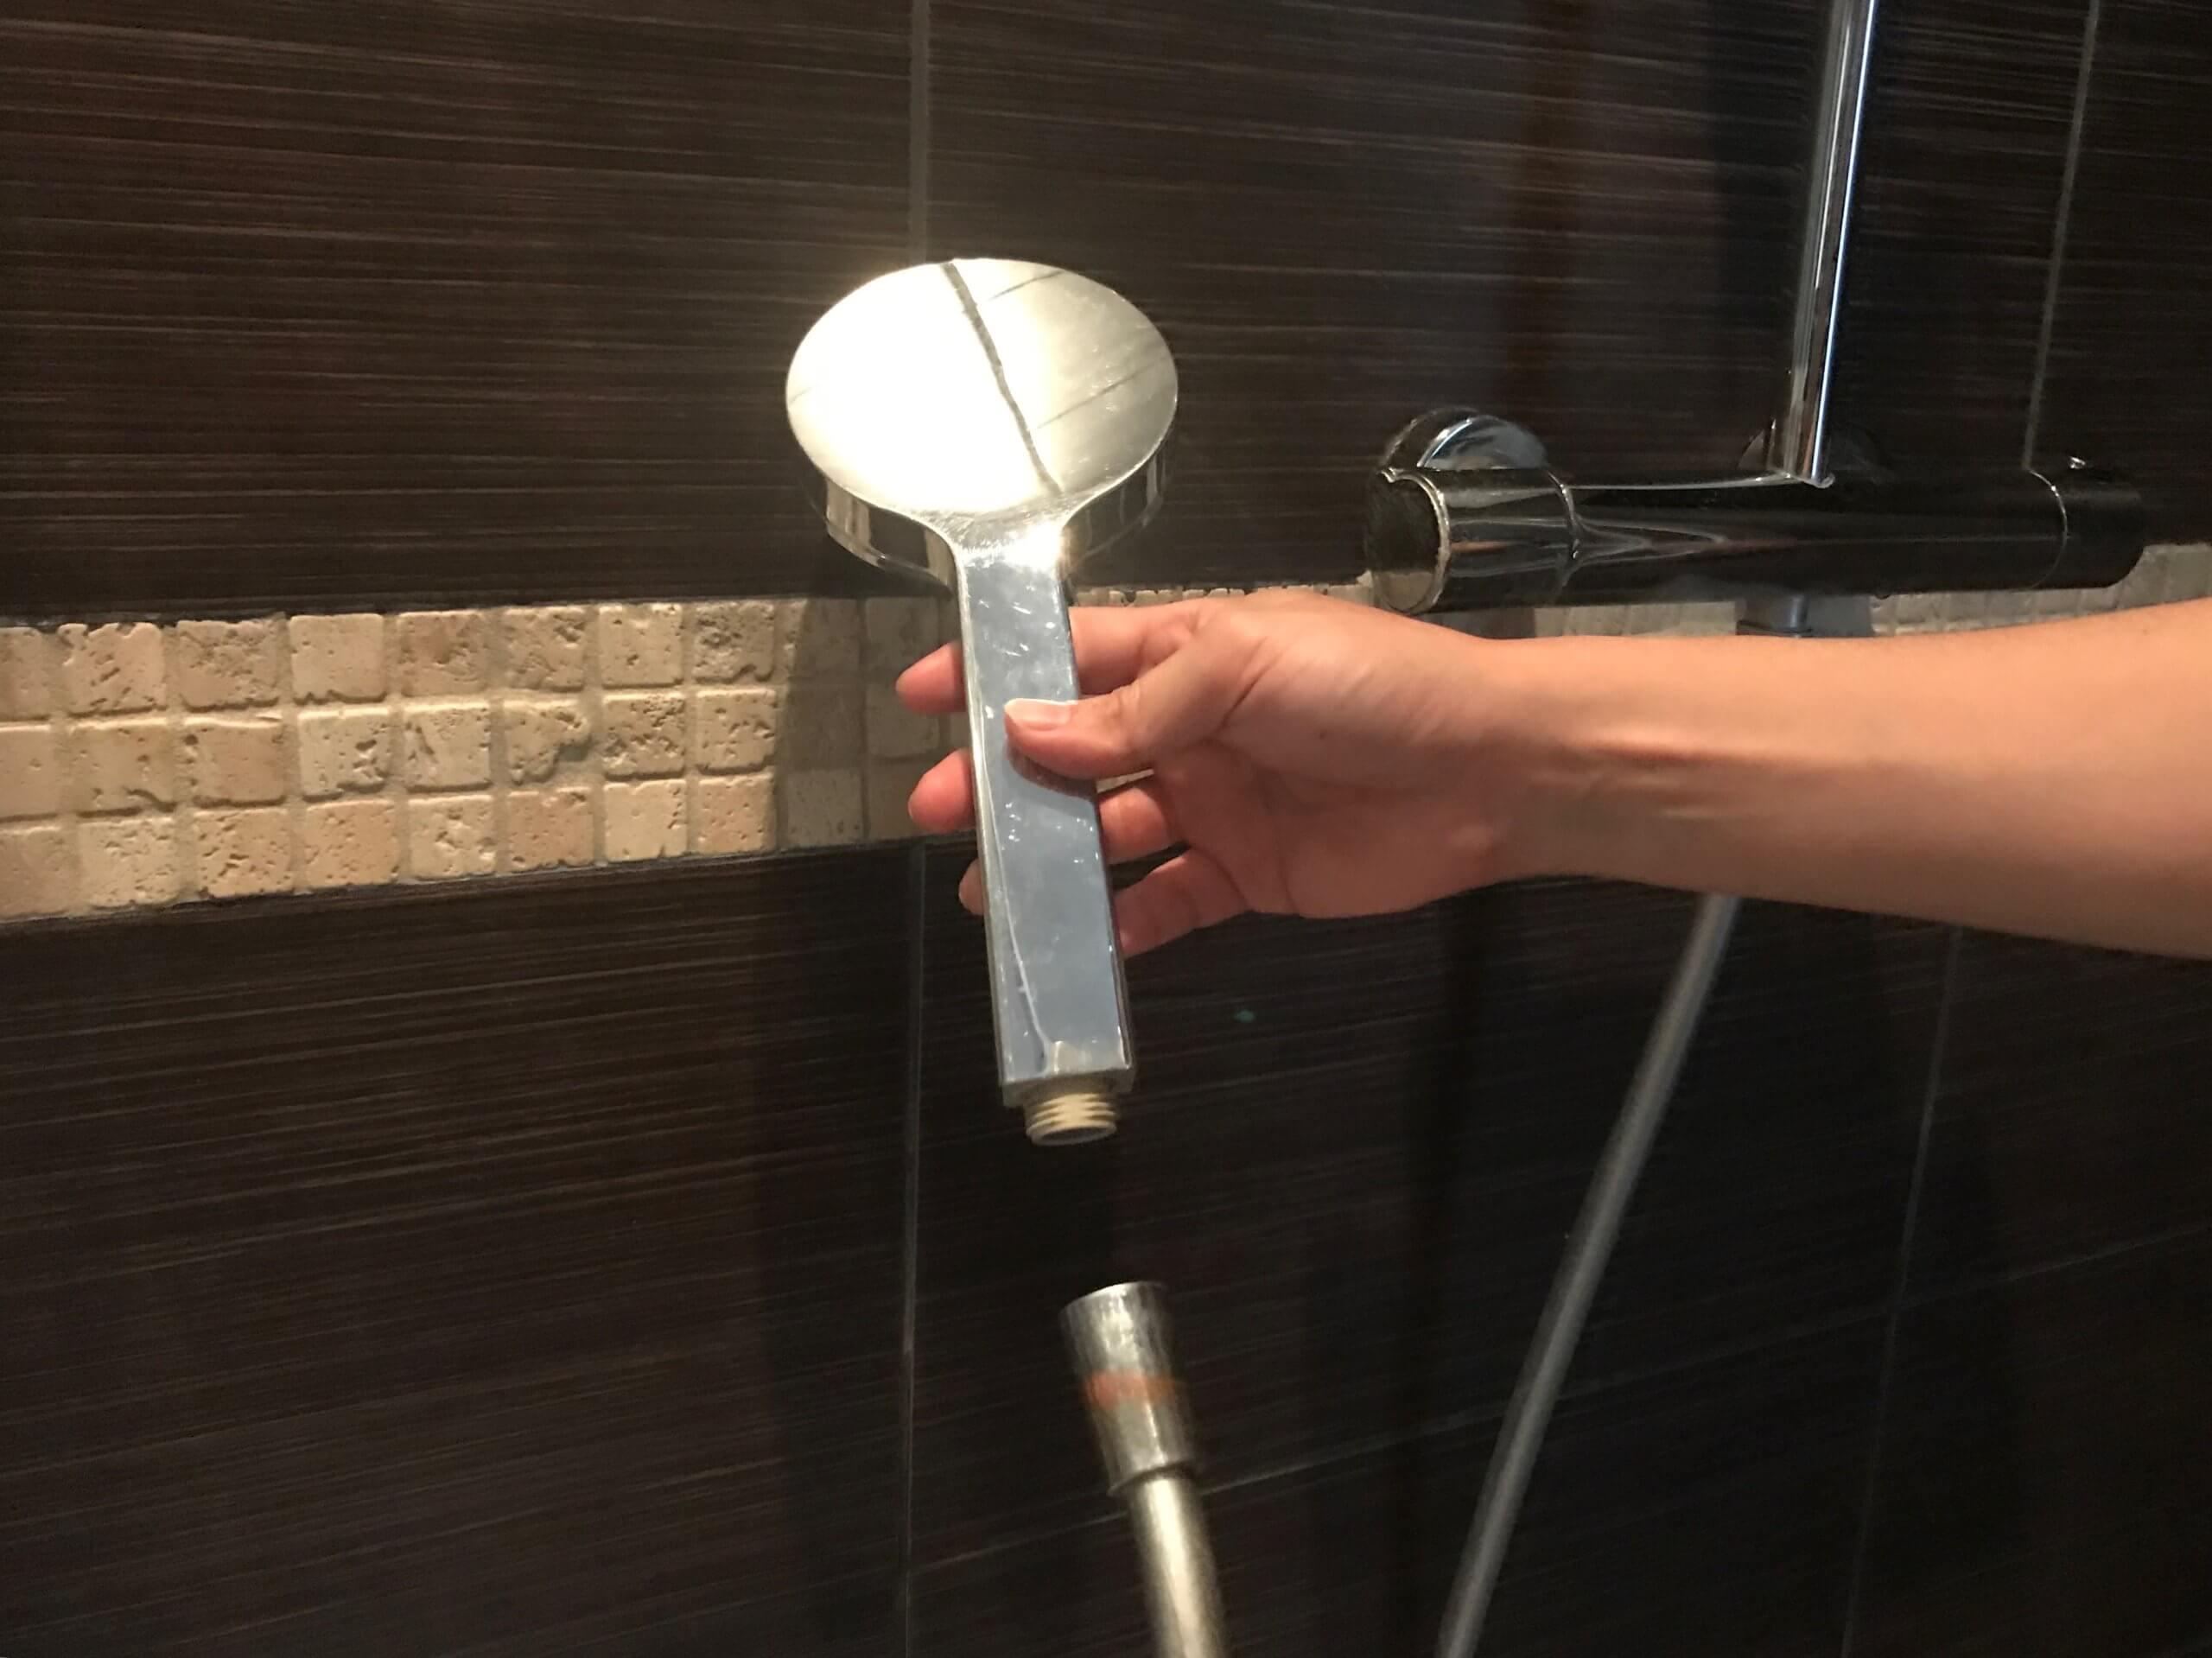 海外 硬水対策 フランス イオナック シャワーヘッド フィルター 効果 取り付け方